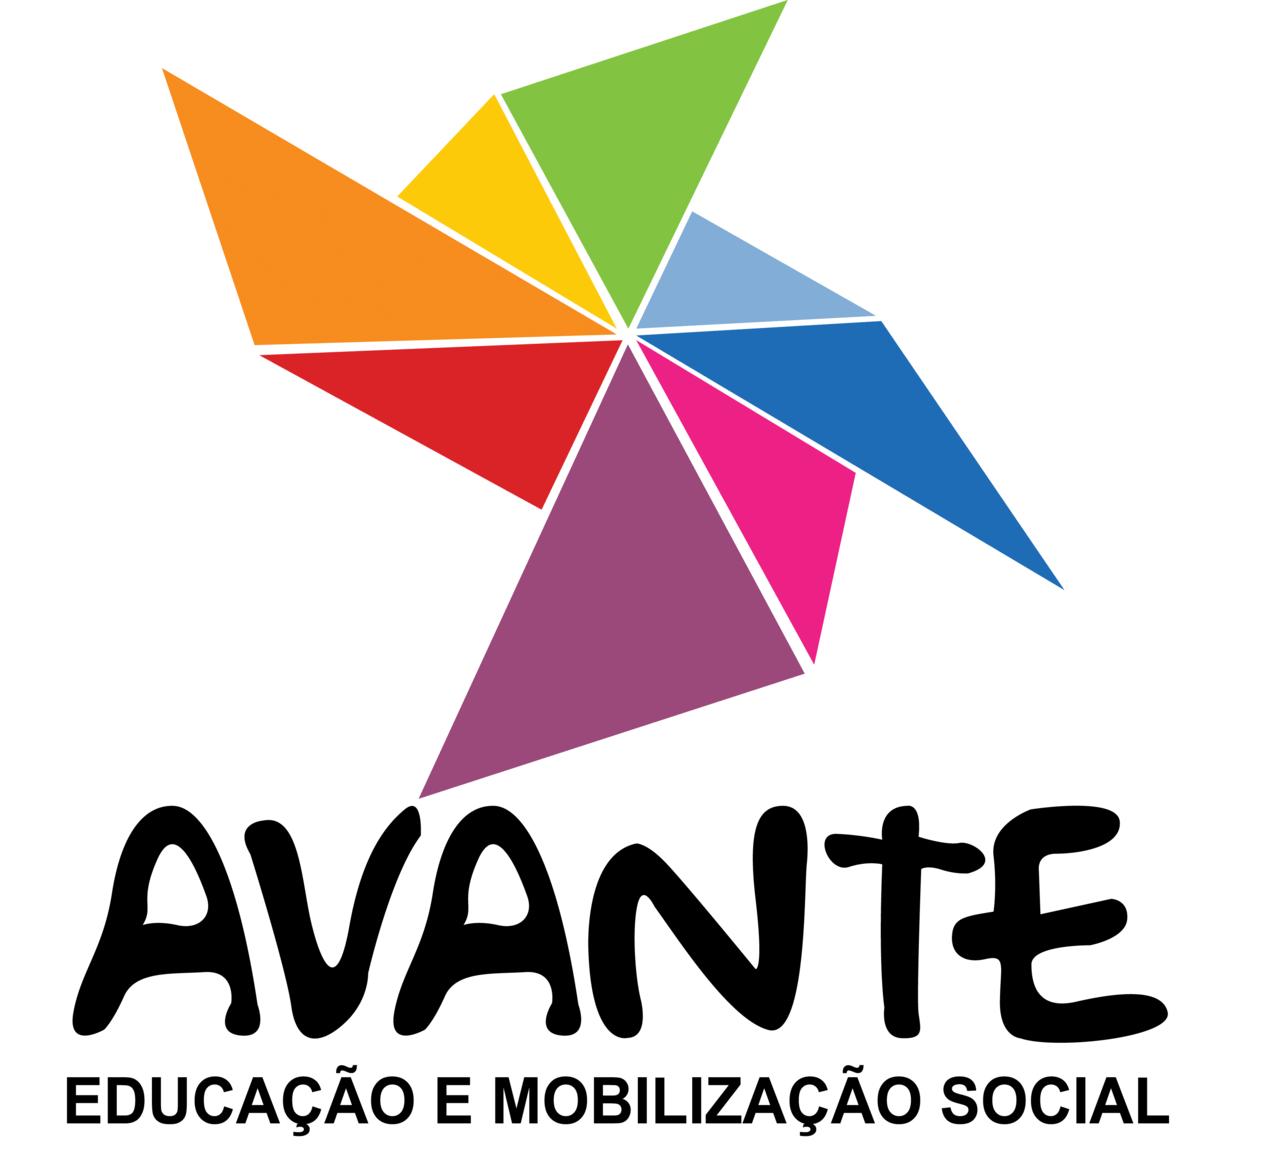 Avante - Educação Mobilização